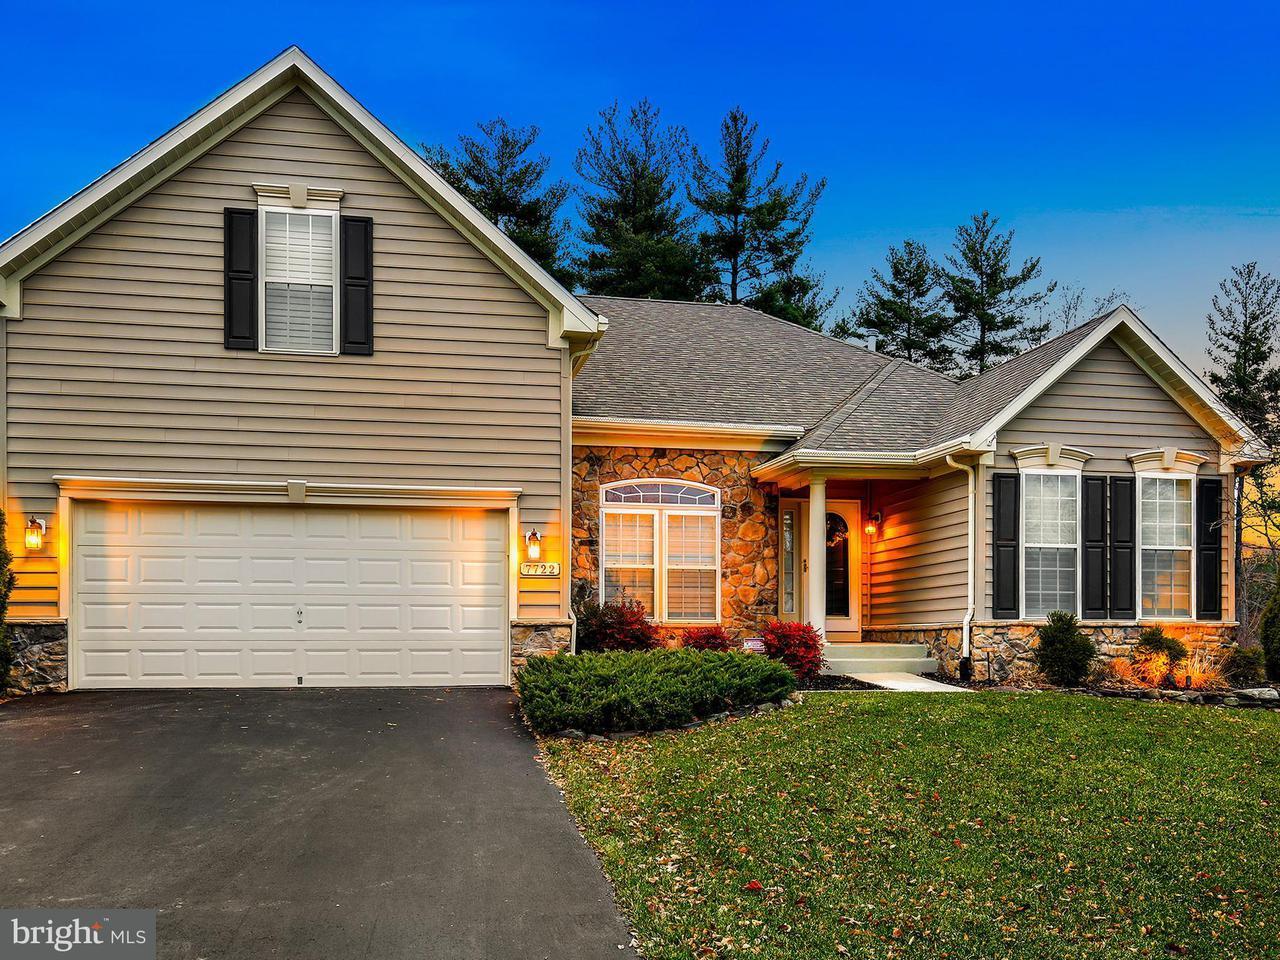 一戸建て のために 売買 アット 7722 BUCKINGHAM NURSERY Drive 7722 BUCKINGHAM NURSERY Drive Severn, メリーランド 21144 アメリカ合衆国